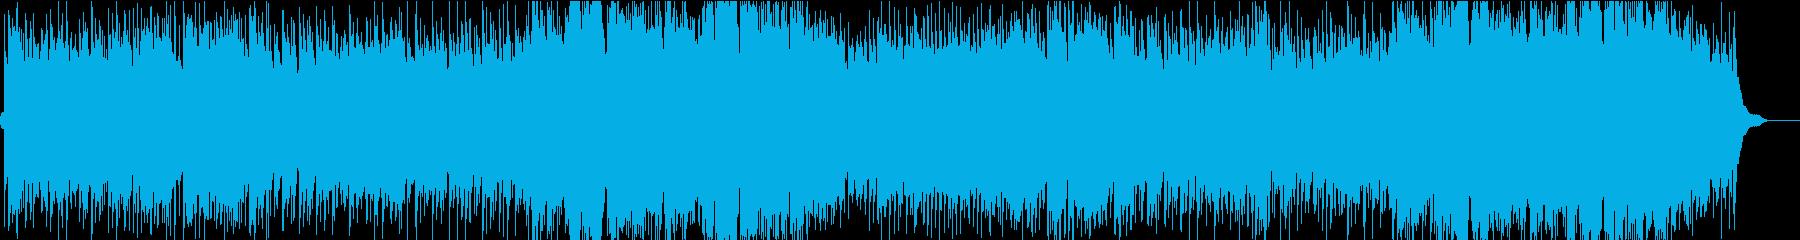 夜の高速のイメージの幻想曲の再生済みの波形